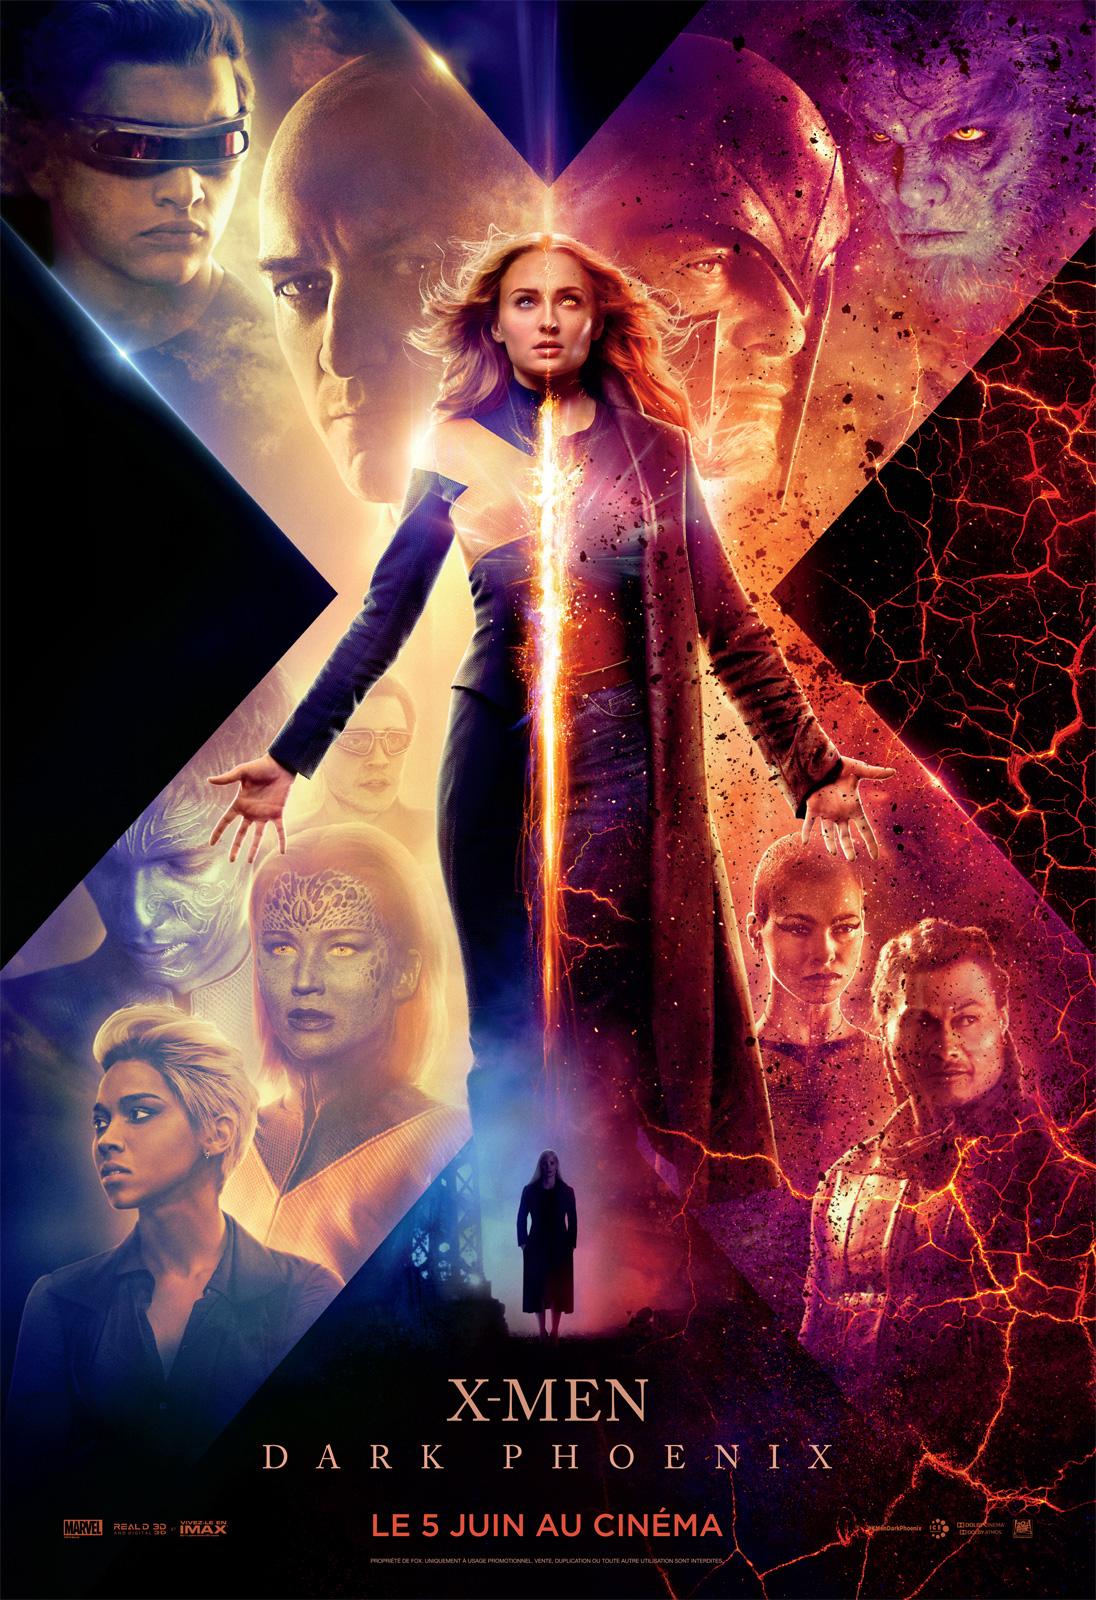 XMen Dark Phoenix affiche film